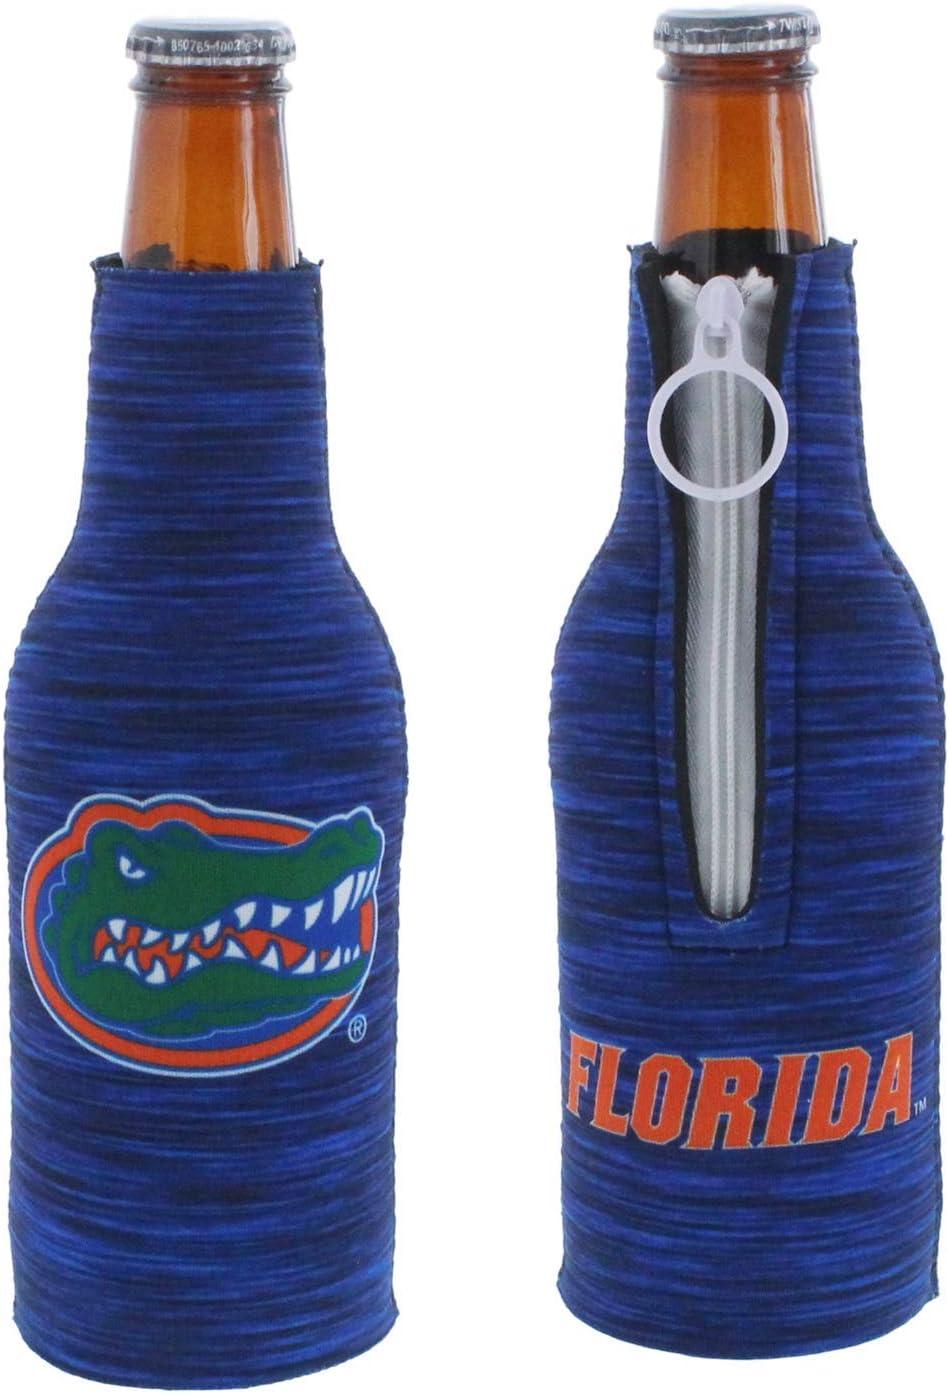 Kolder NCAA College Team Logo 2-Sided Insulated Neoprene Zipper Bottle Holder Suit Cooler 2-Pack Set